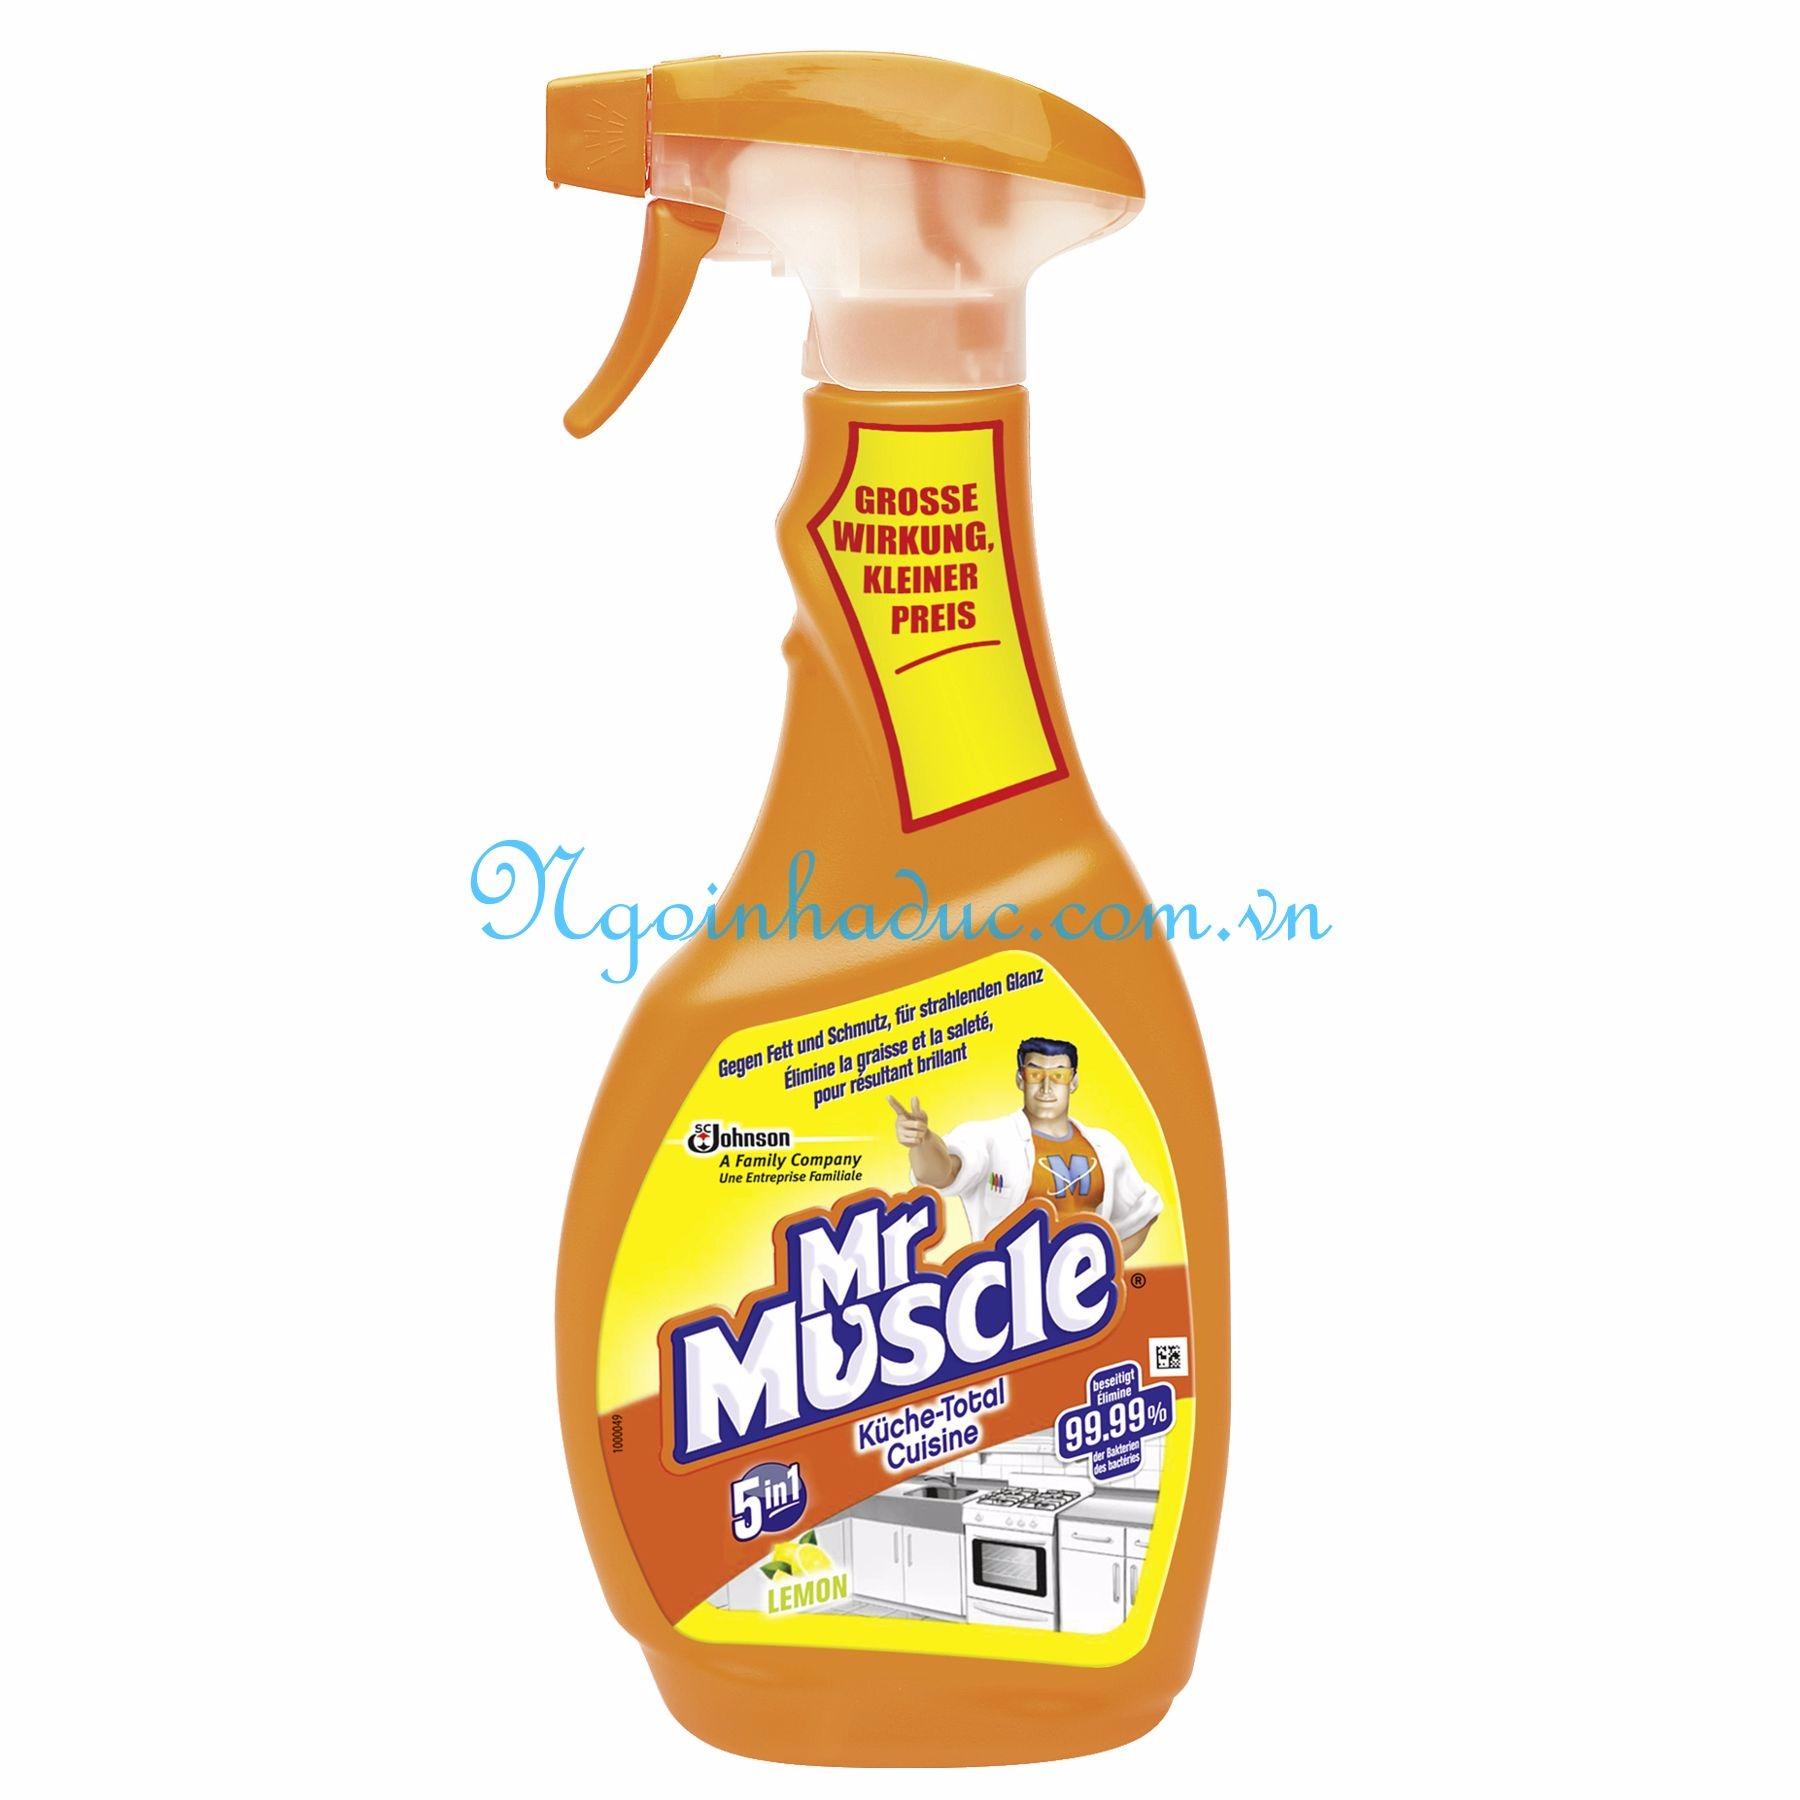 Xịt Tẩy Bếp đa Năng Mr Muscle.